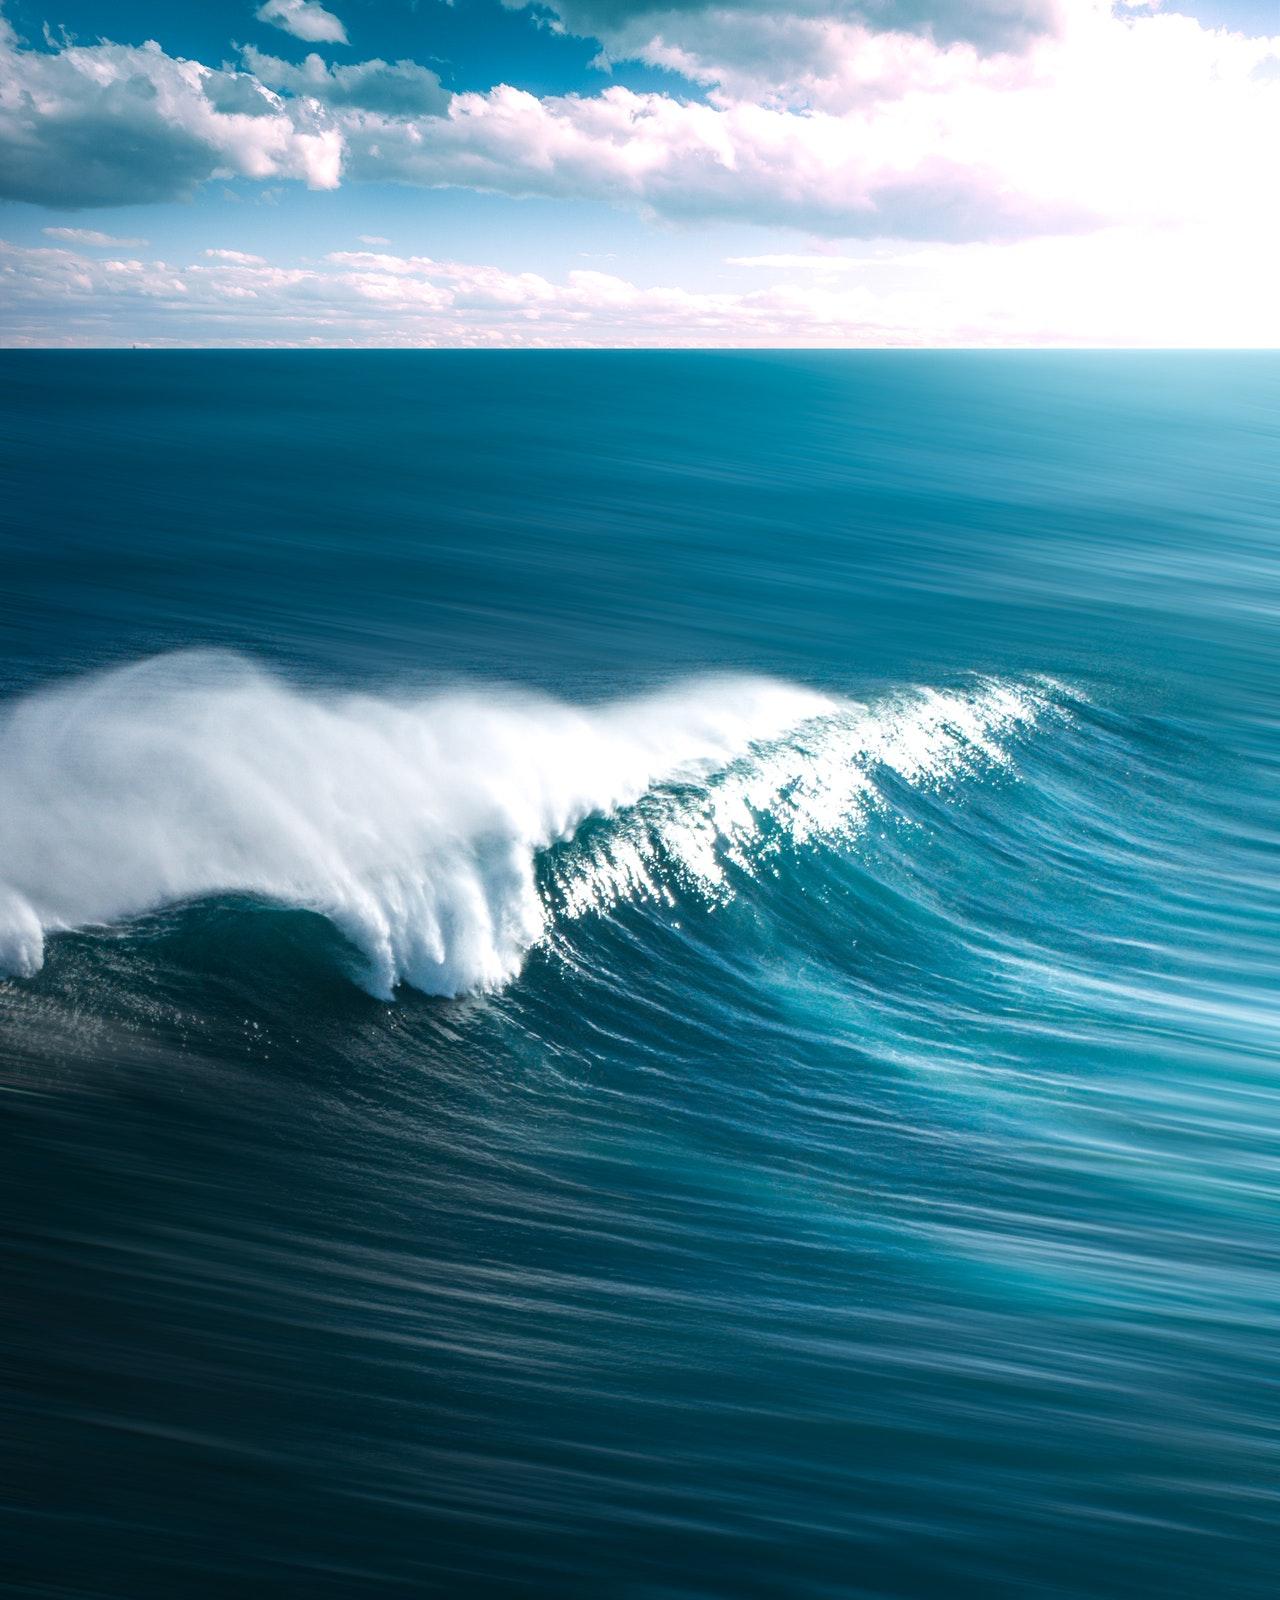 Blue ocean waves flowing gently